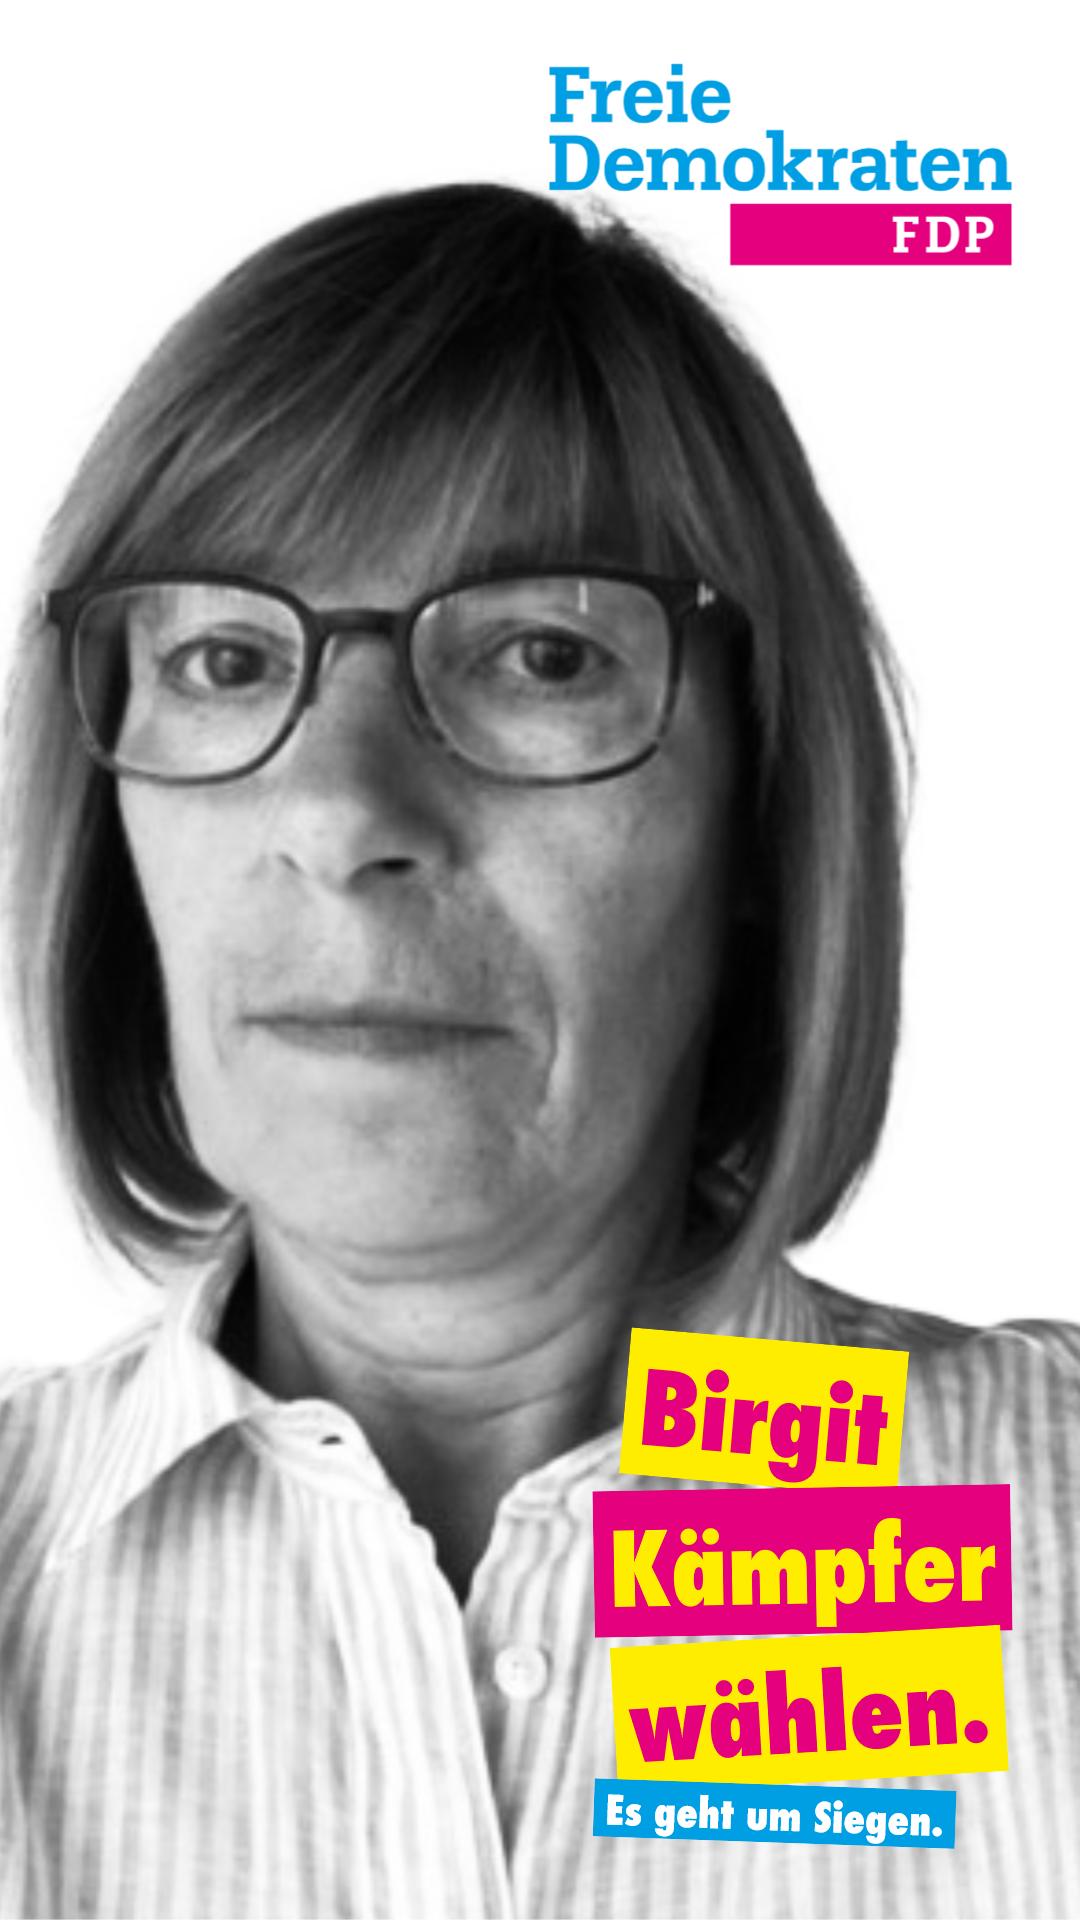 Birgit Kämpfer